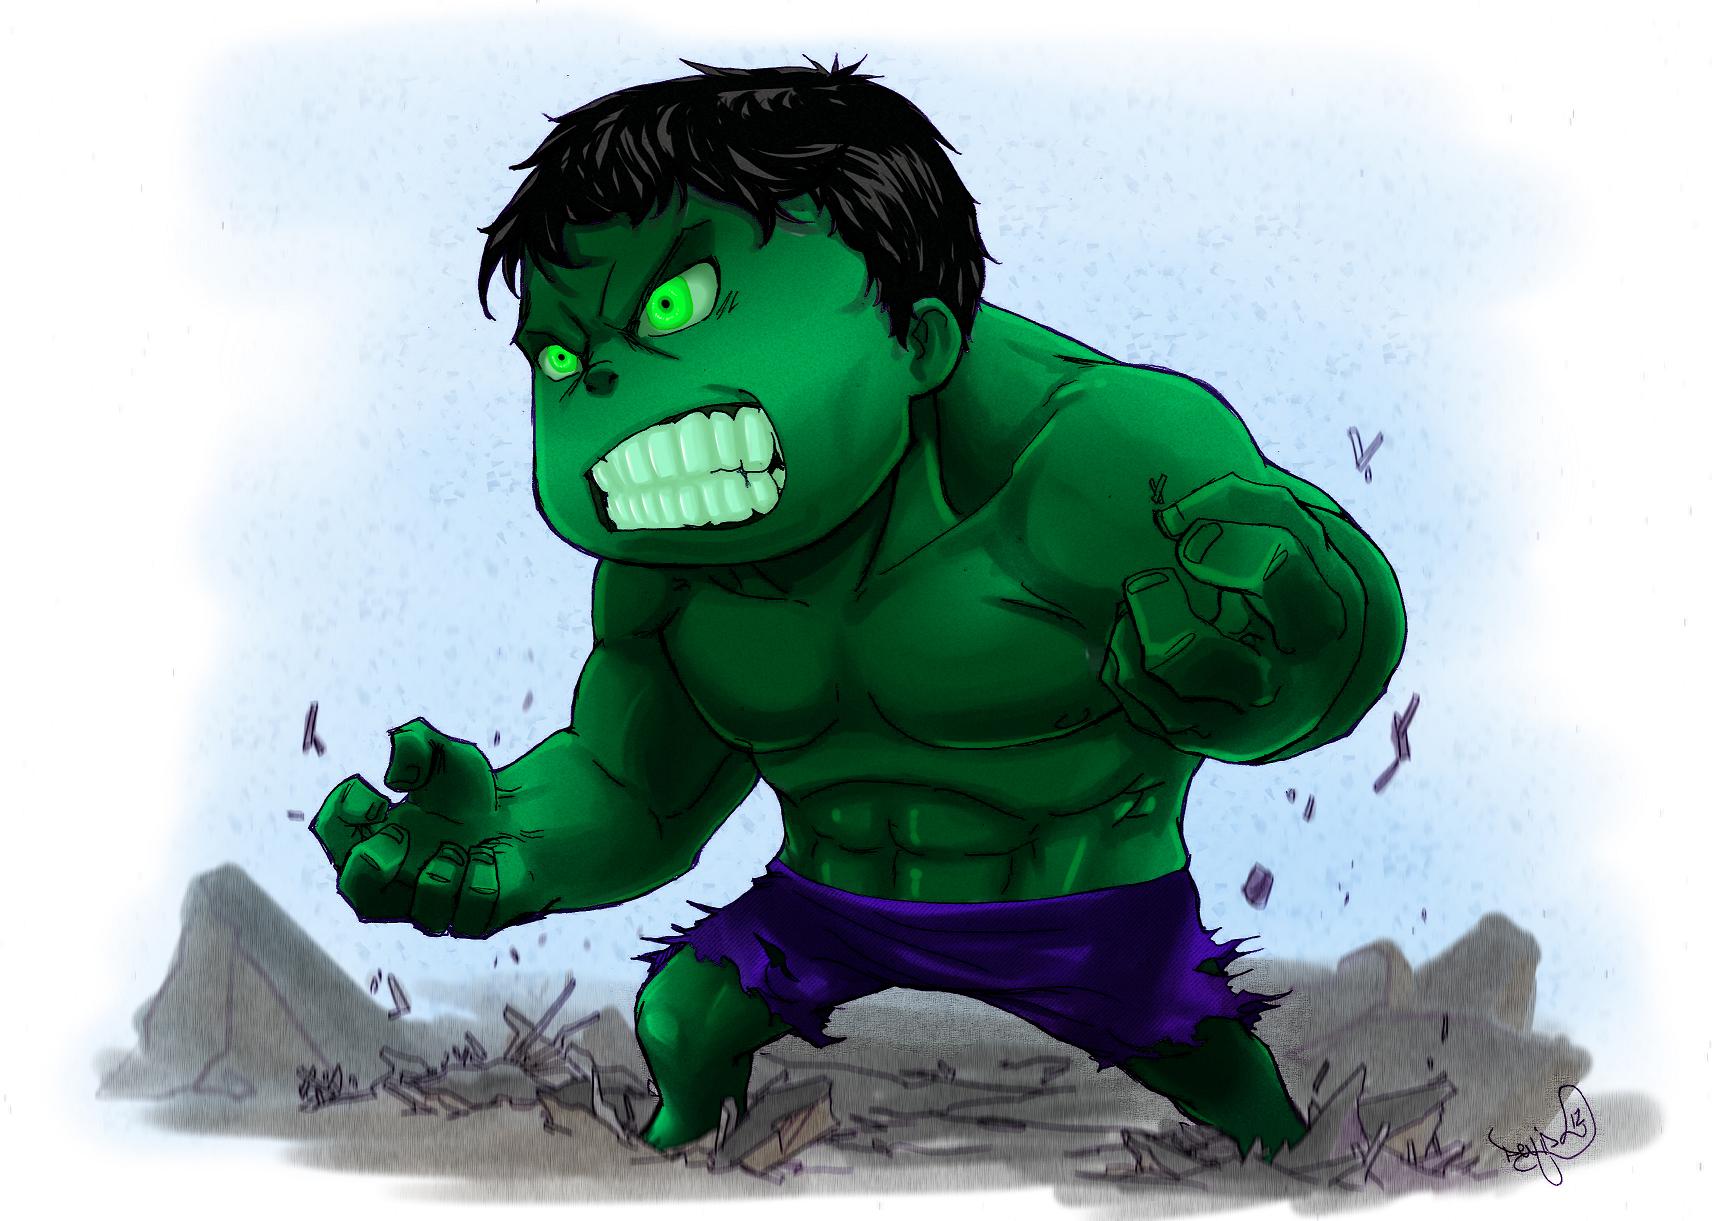 Hulk Smash Hulk Smash Cartoon Drawings Chibi